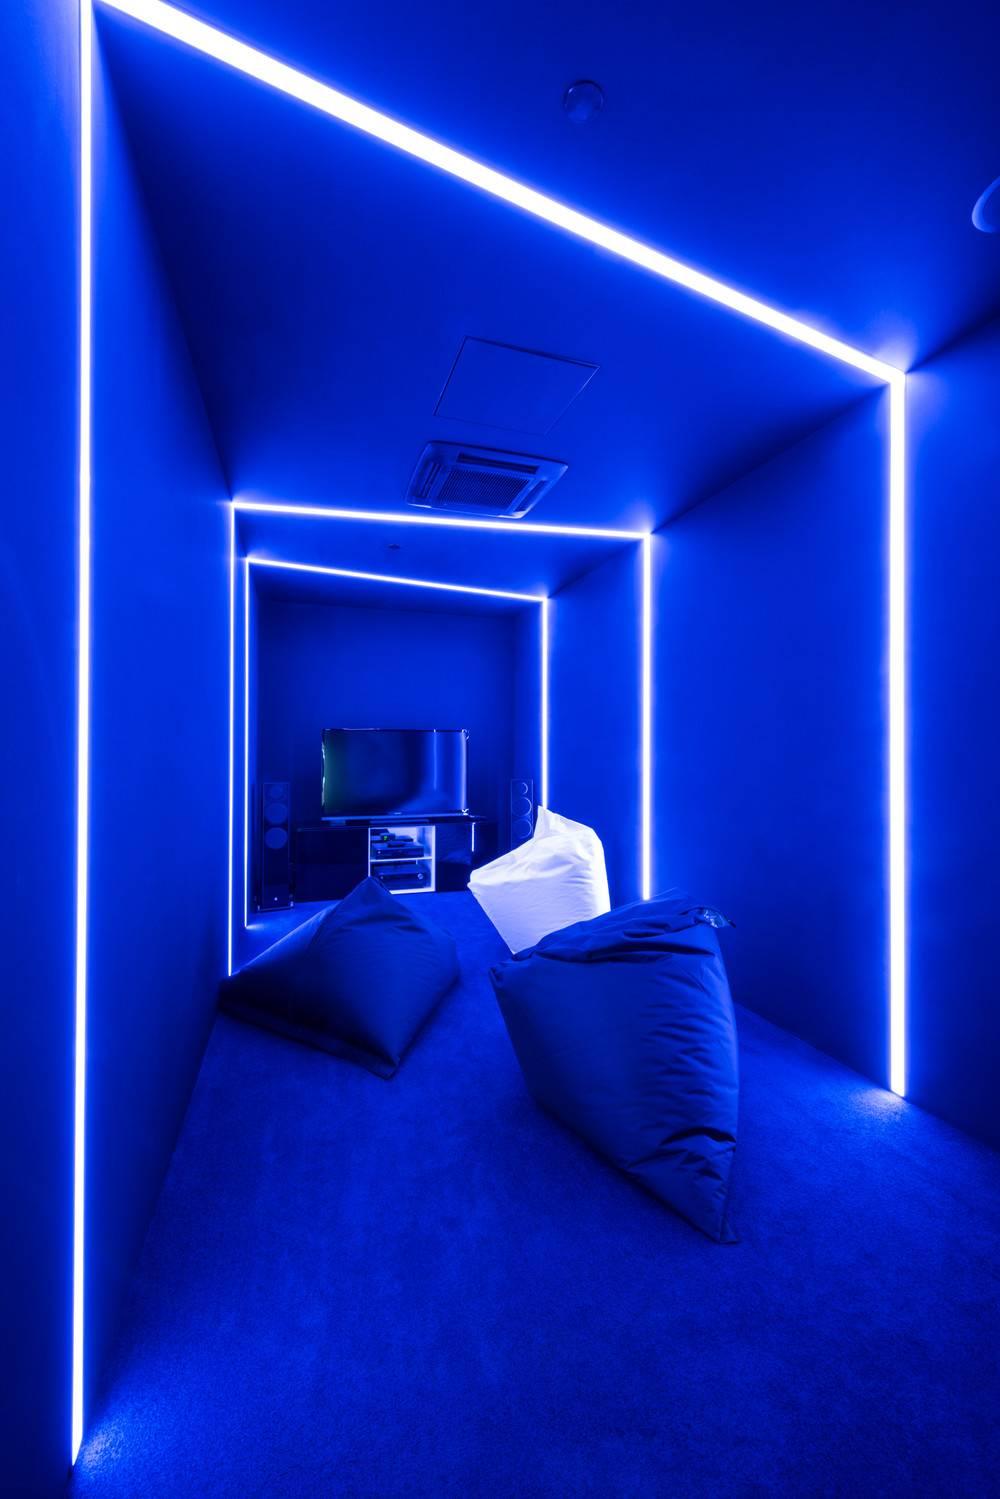 Виды освещения потолка и дизайнерские идеи для разных комнат | +80 фото